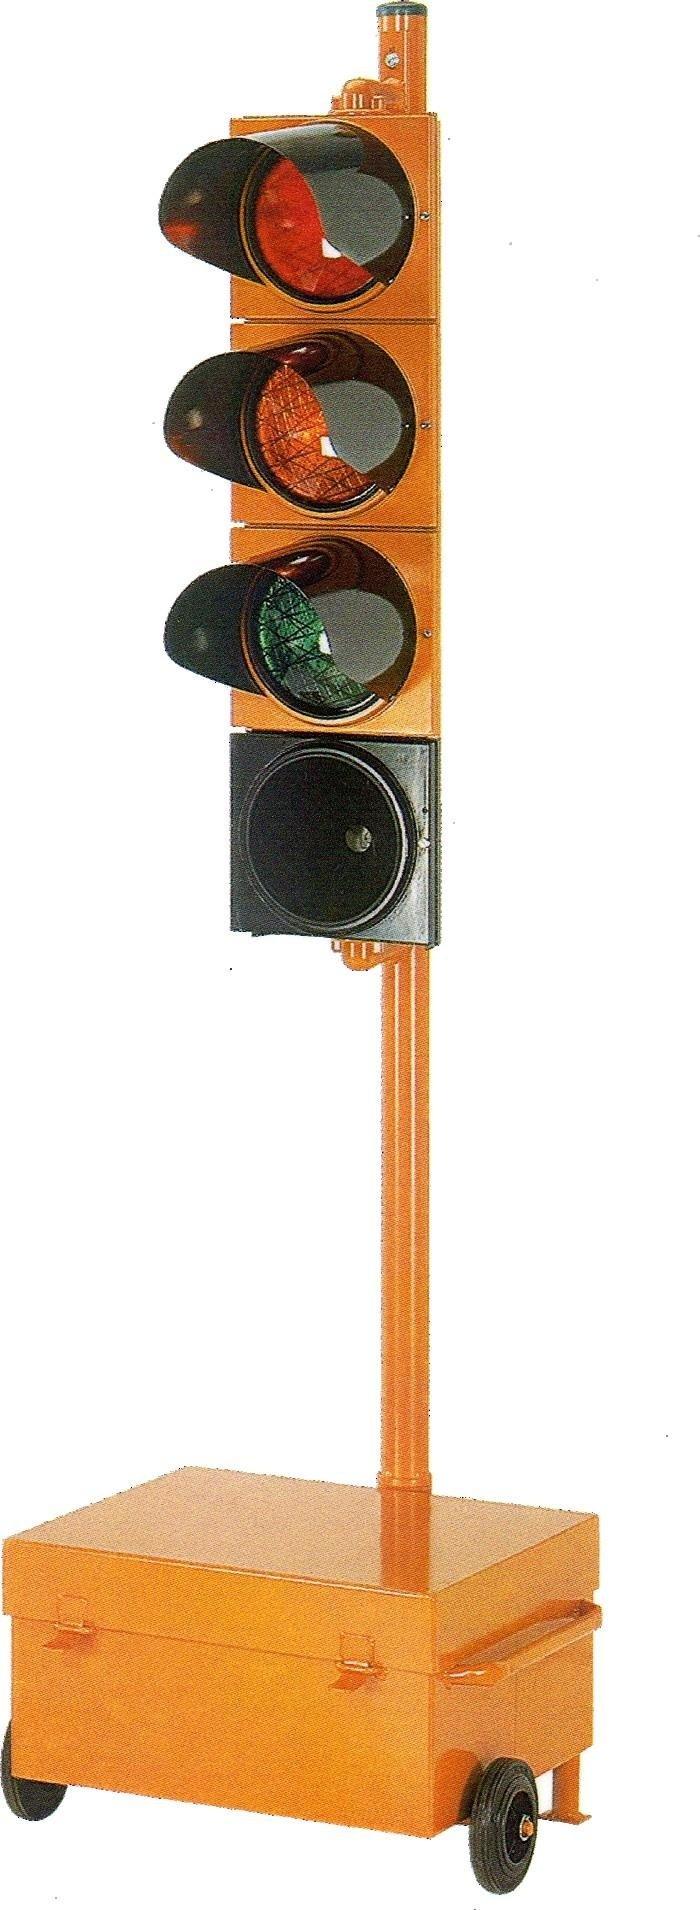 impianti semaforici mobili da cantiere